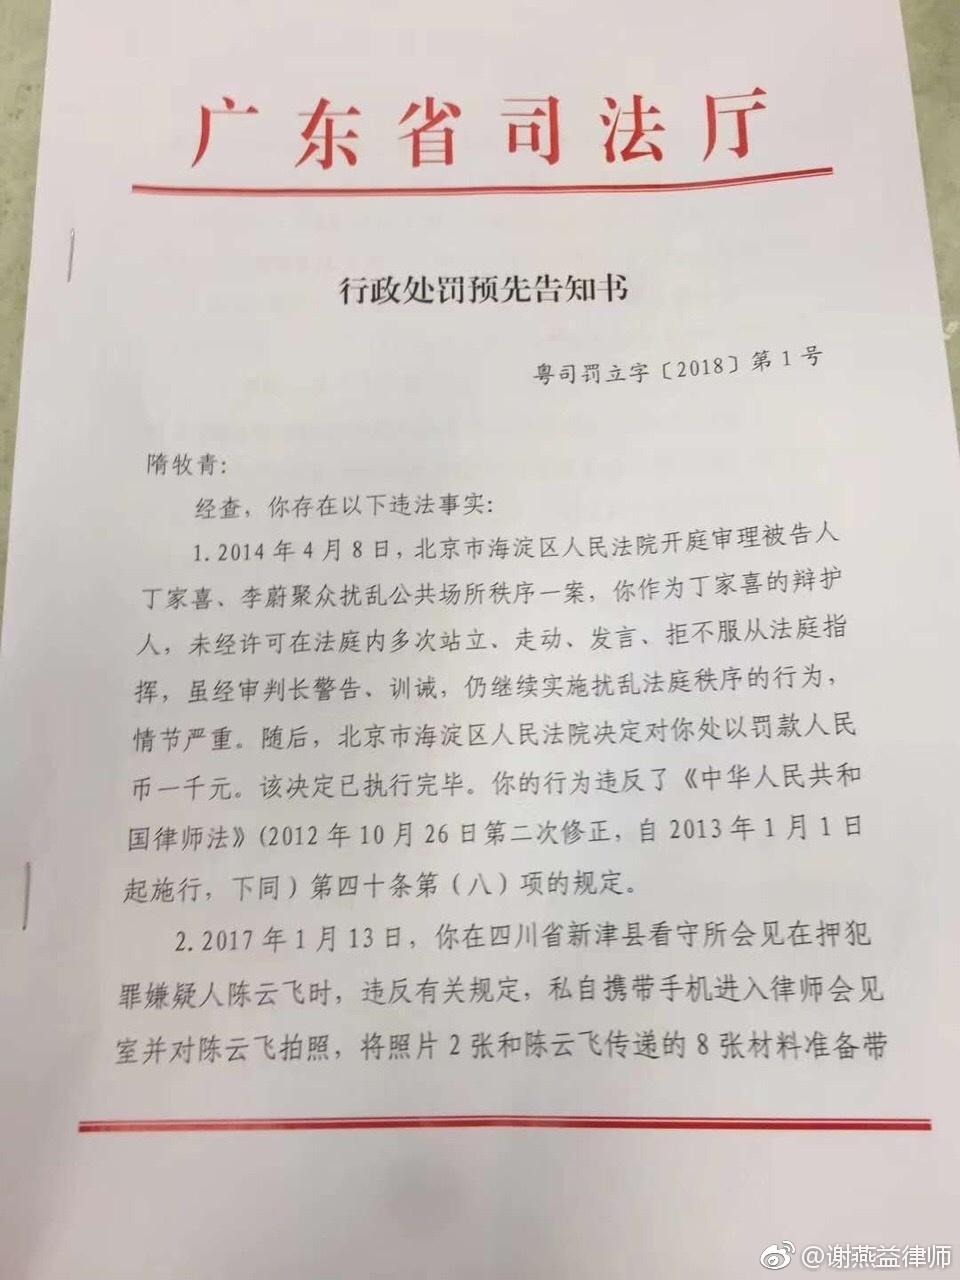 【立此存照】广东司法厅对律师隋牧青的行政处罚书